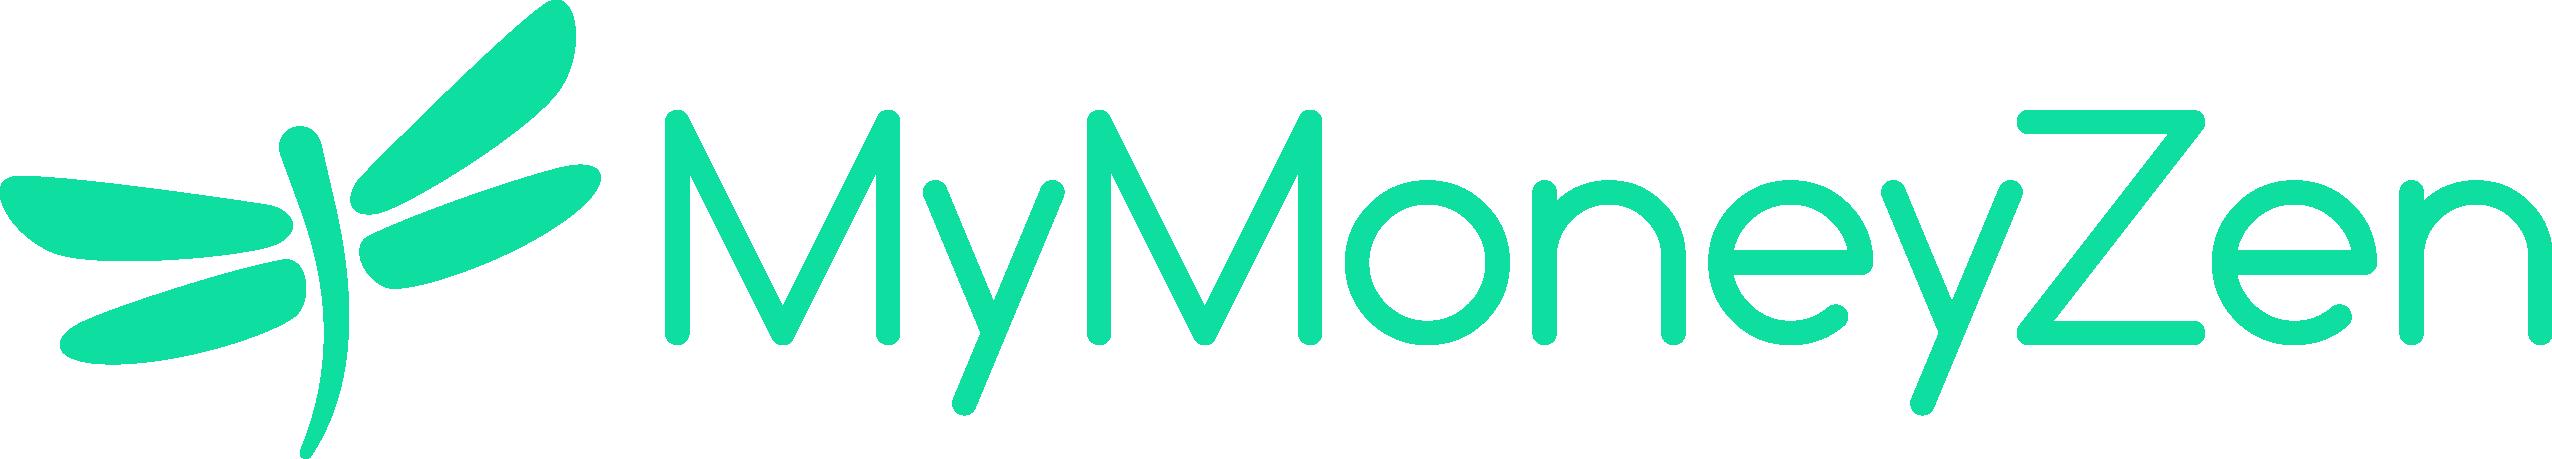 MyMoneyZen